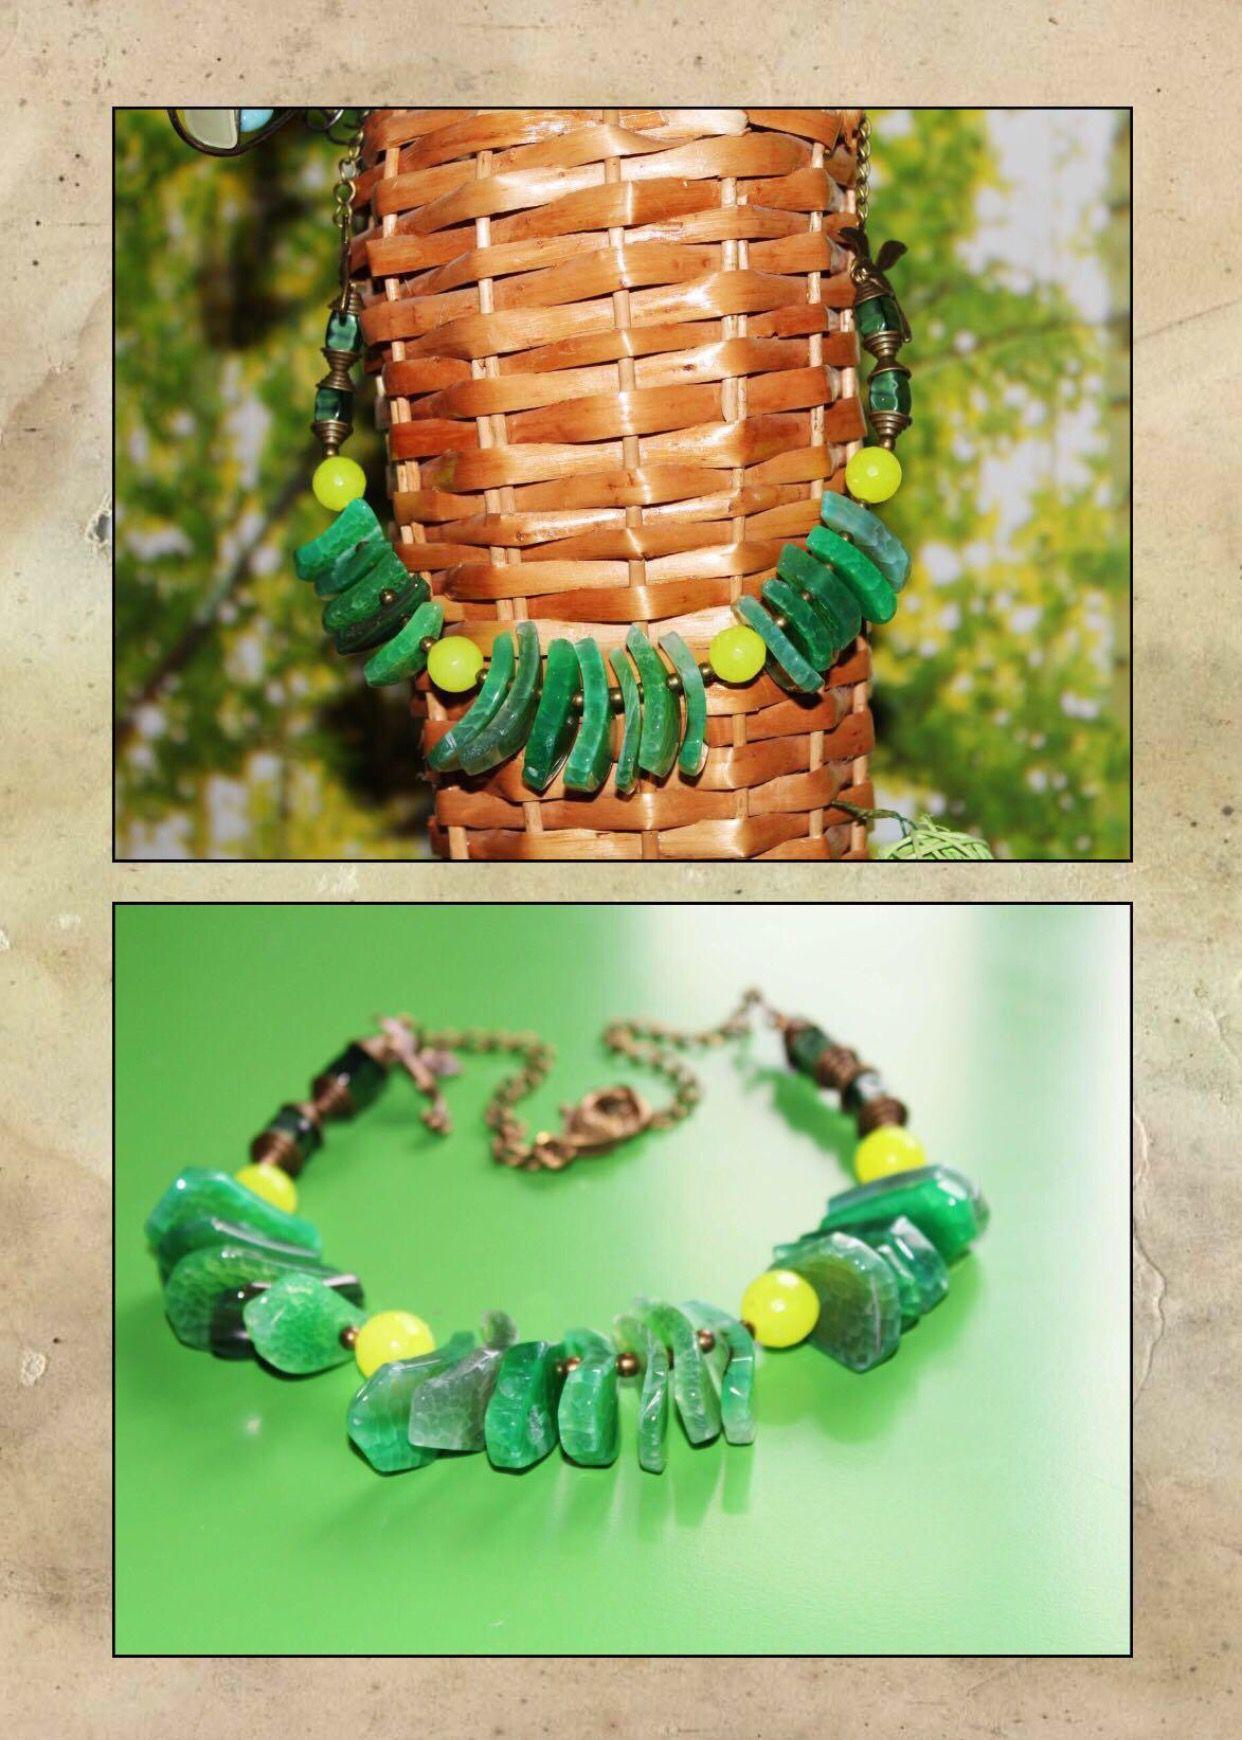 стильно украшения подарки handmade агат ручнаяработа натуральныекамни ярко